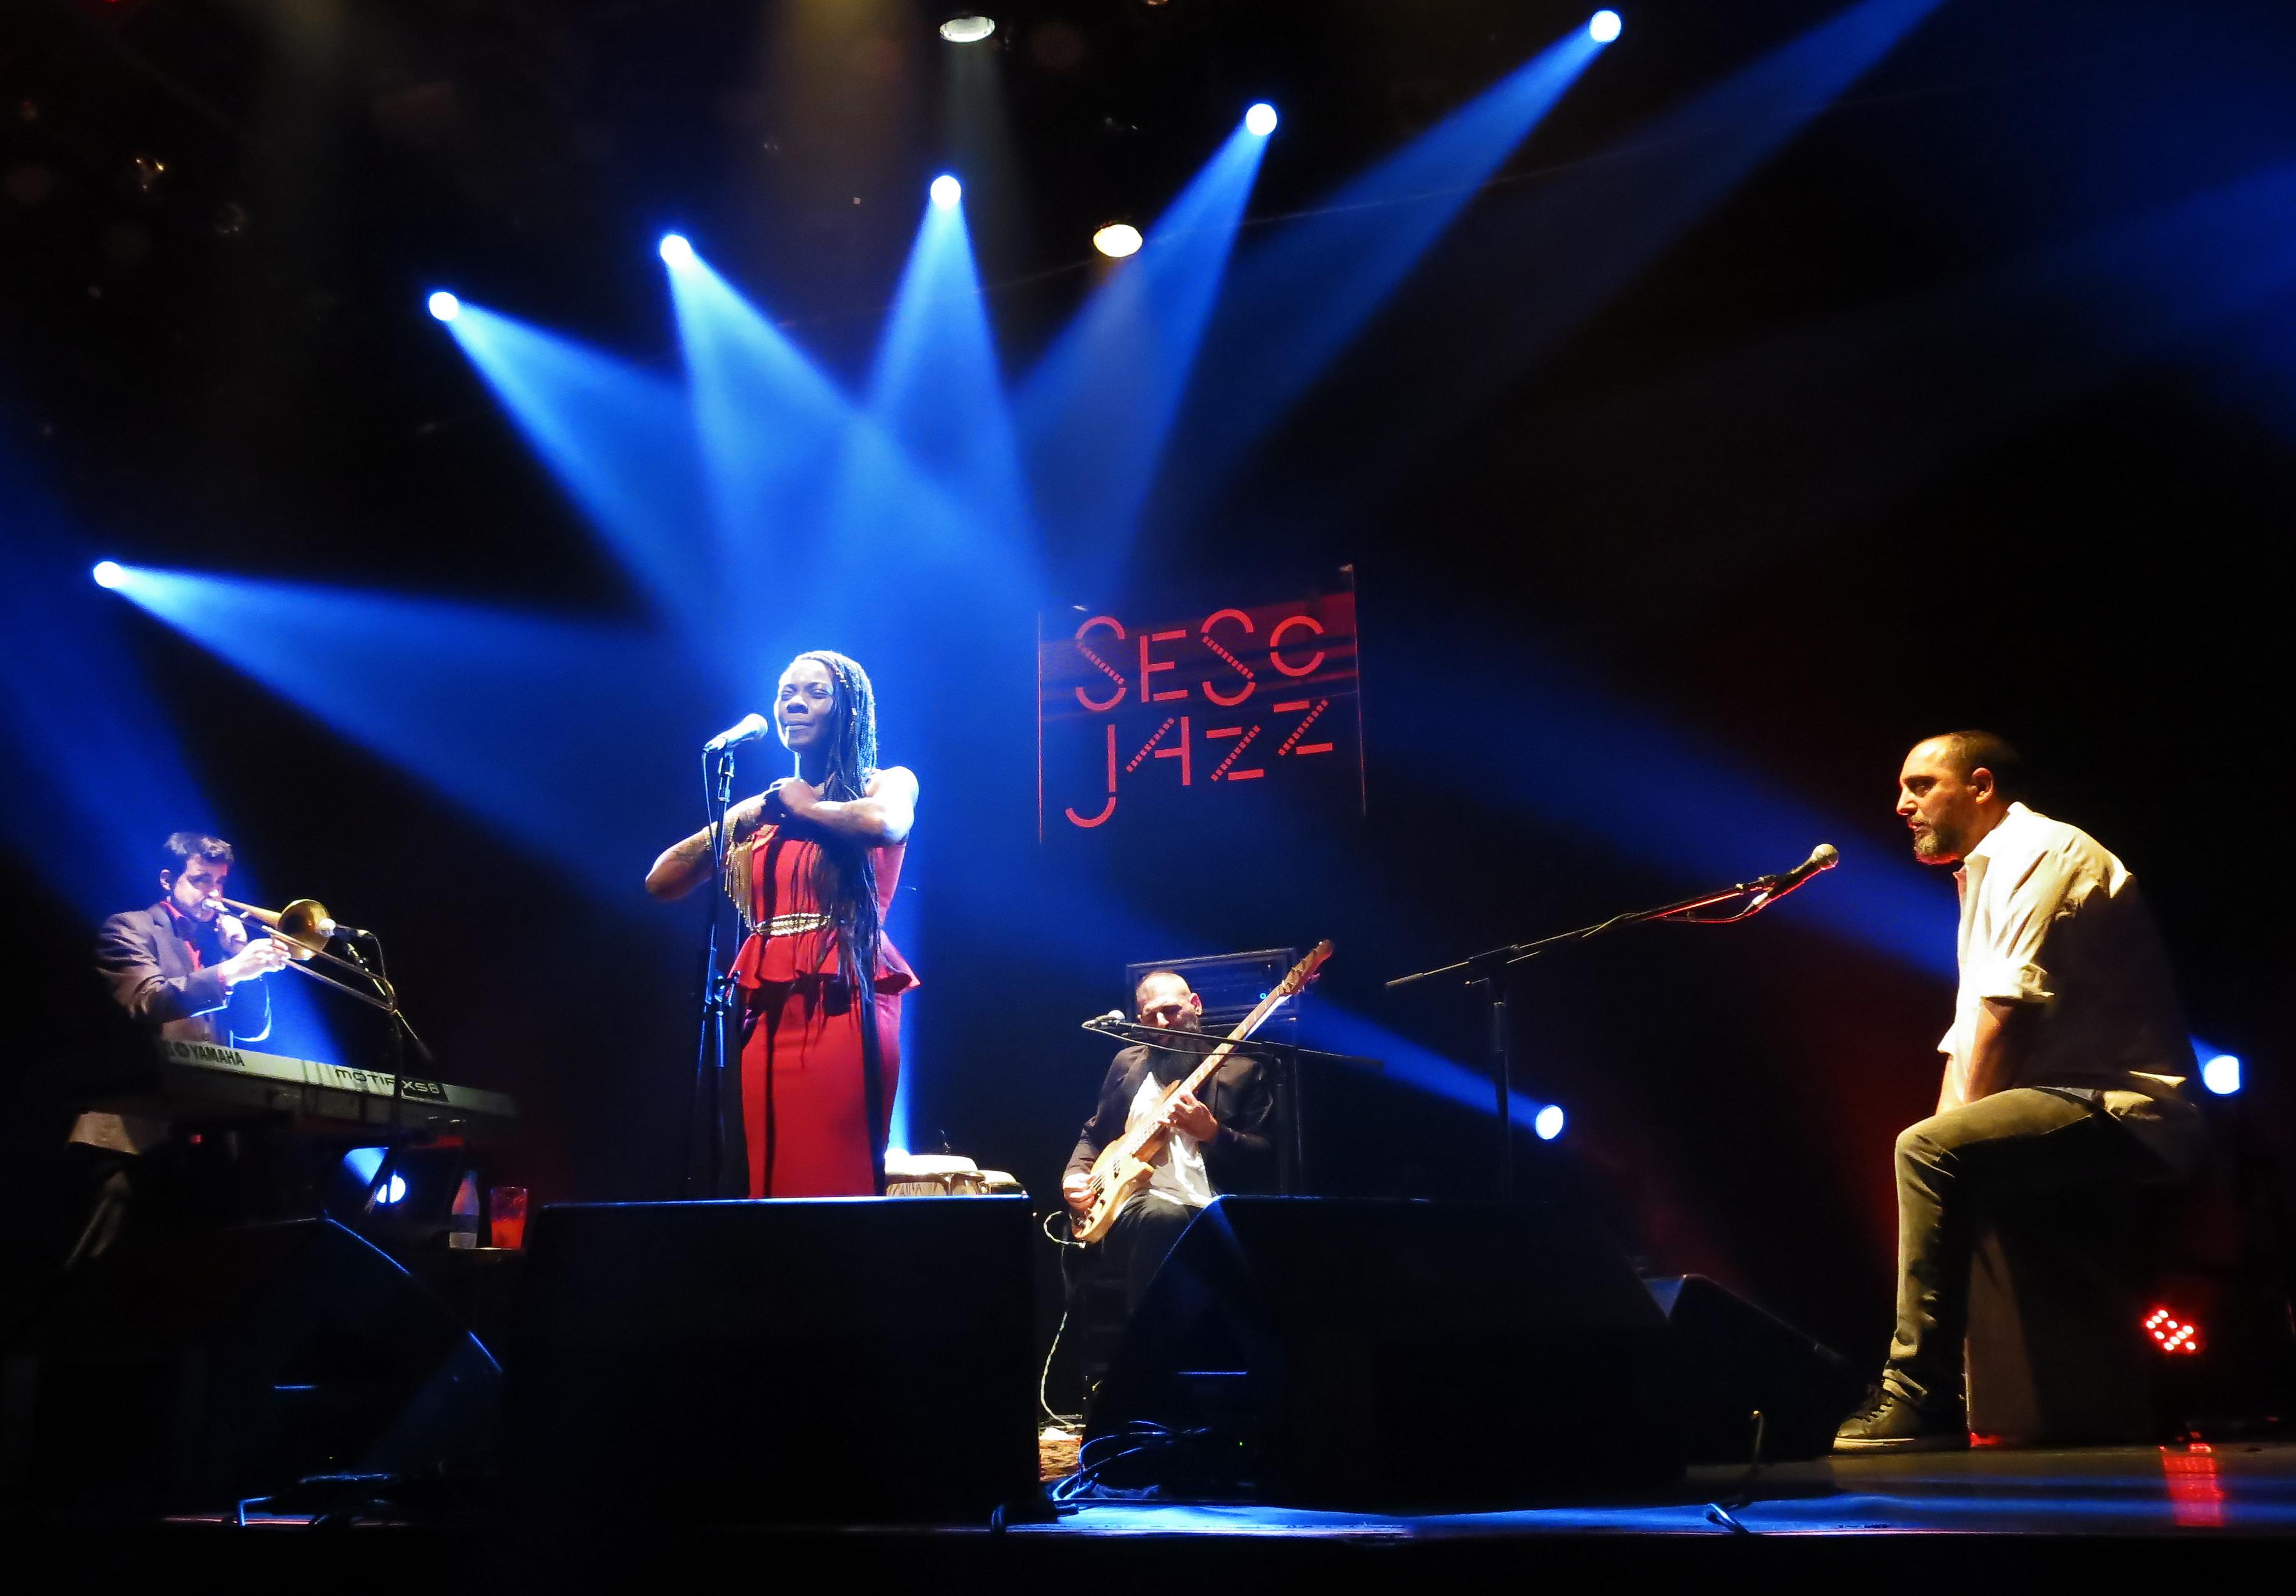 Buika (ESP) Sesc Jazz 2019